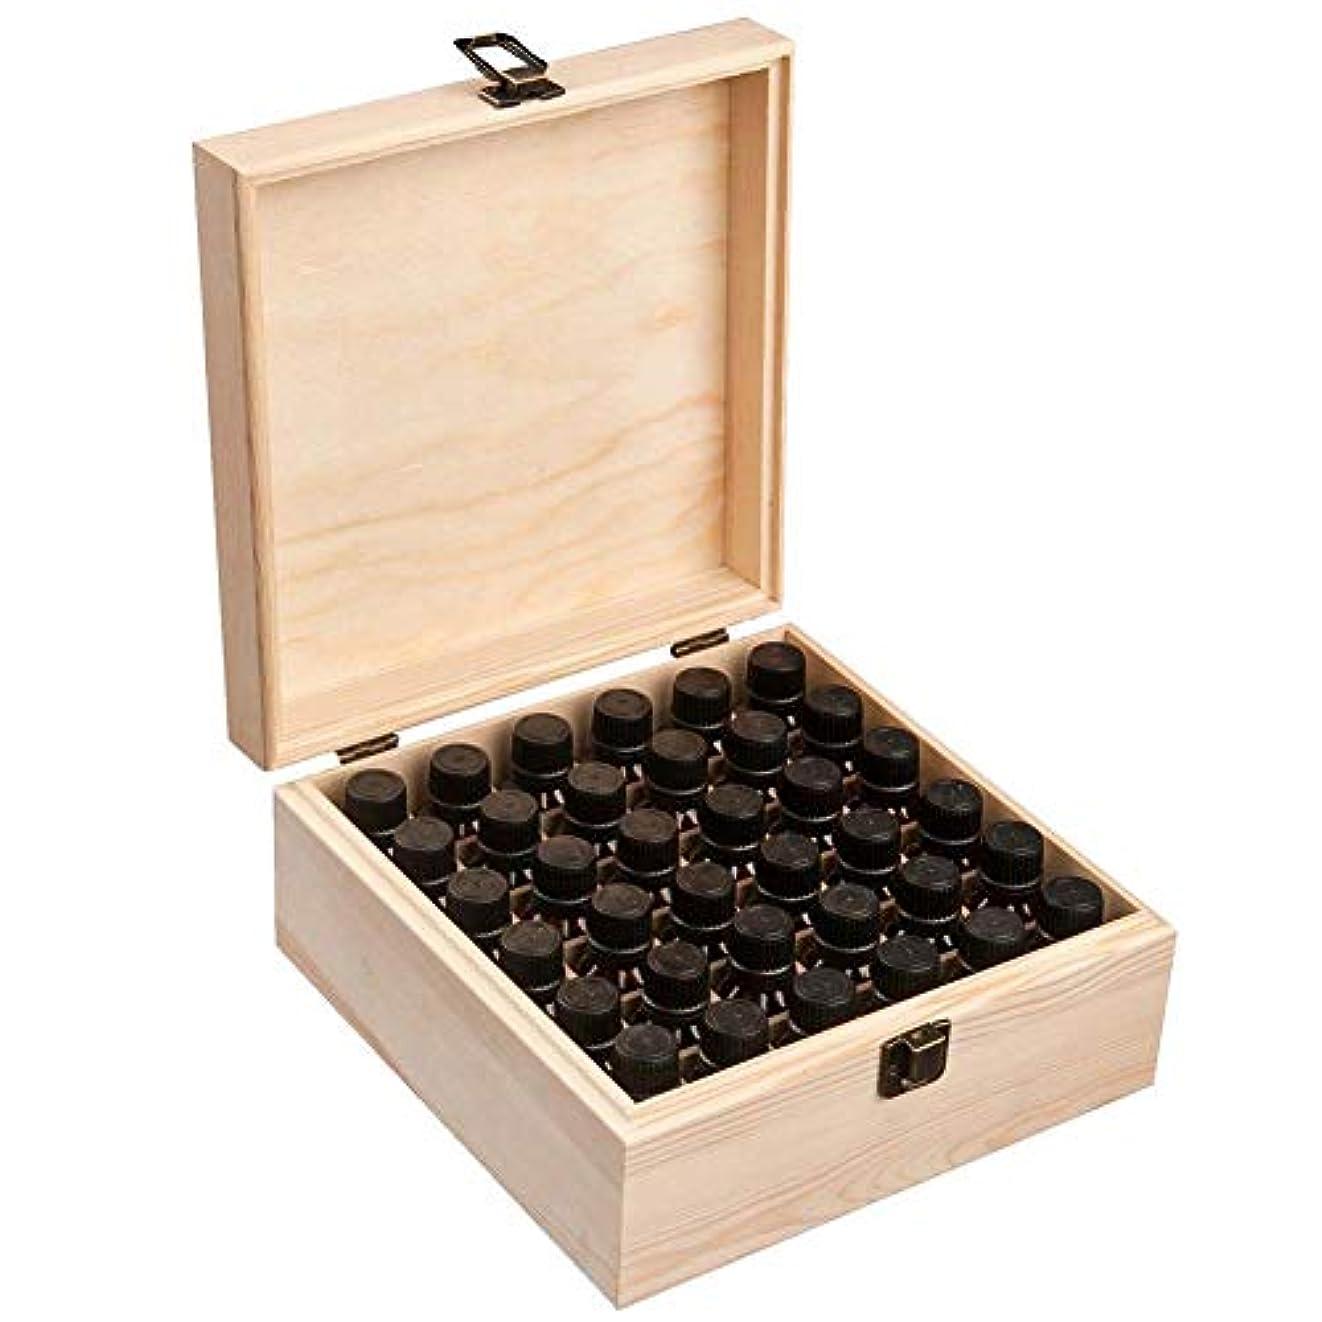 警告するタブレット桃エッセンシャルオイル収納ボックス 純木の精油の収納箱 香水収納ケース アロマオイル収納ボックス 36本用